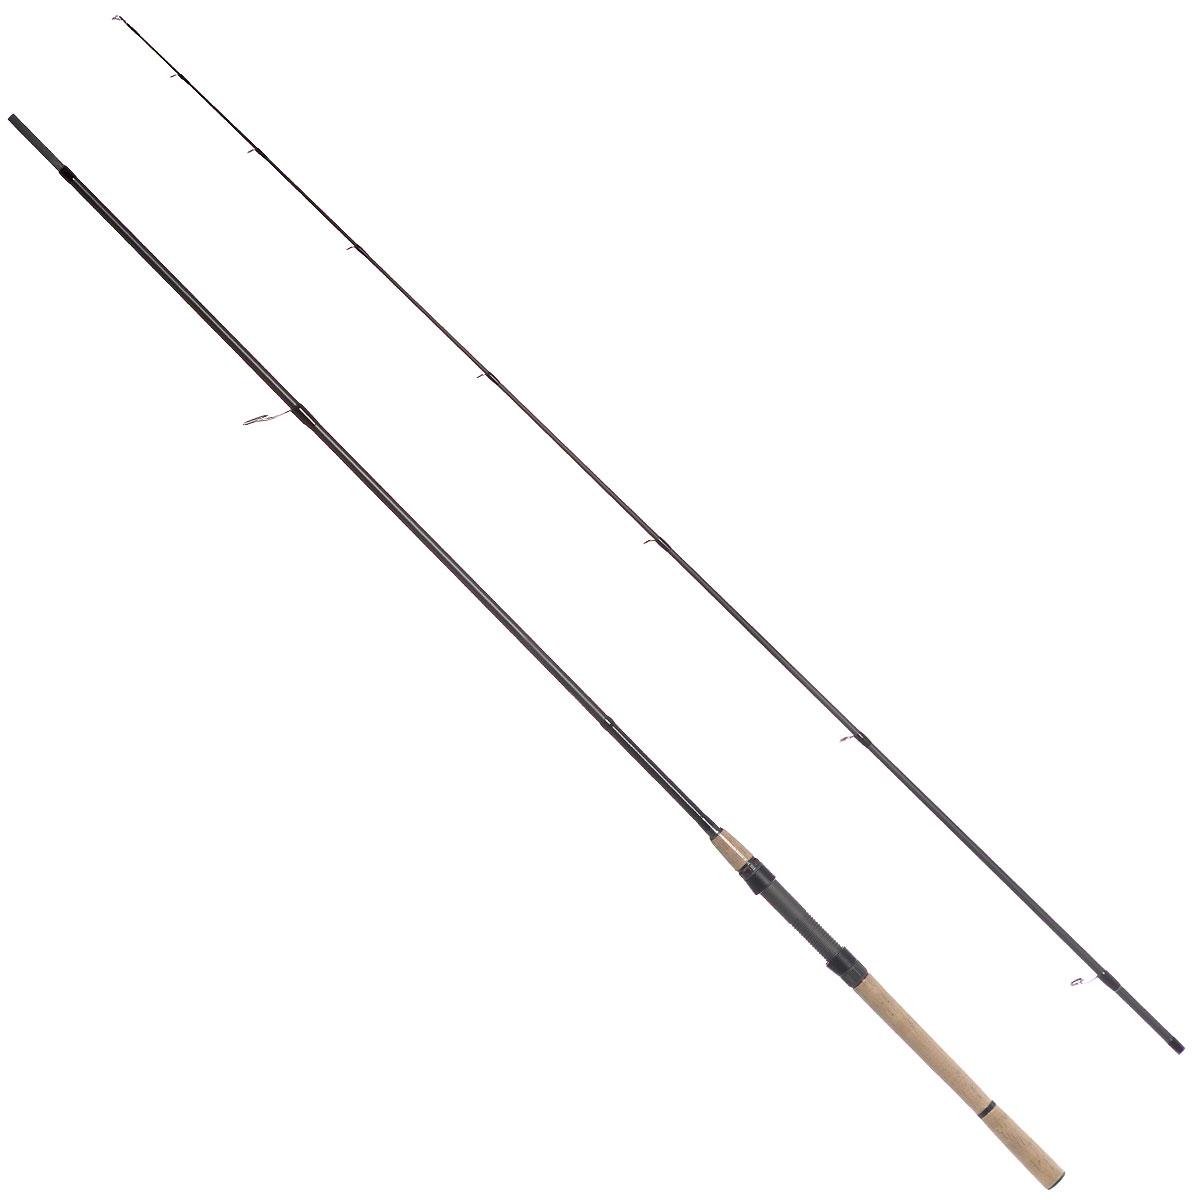 Спиннинг штекерный Daiwa Infinity-Q NEW Jigger, 2,70 м, 7-28 г спиннинг штекерный onlitop matrix 2 7 м 40 80 г